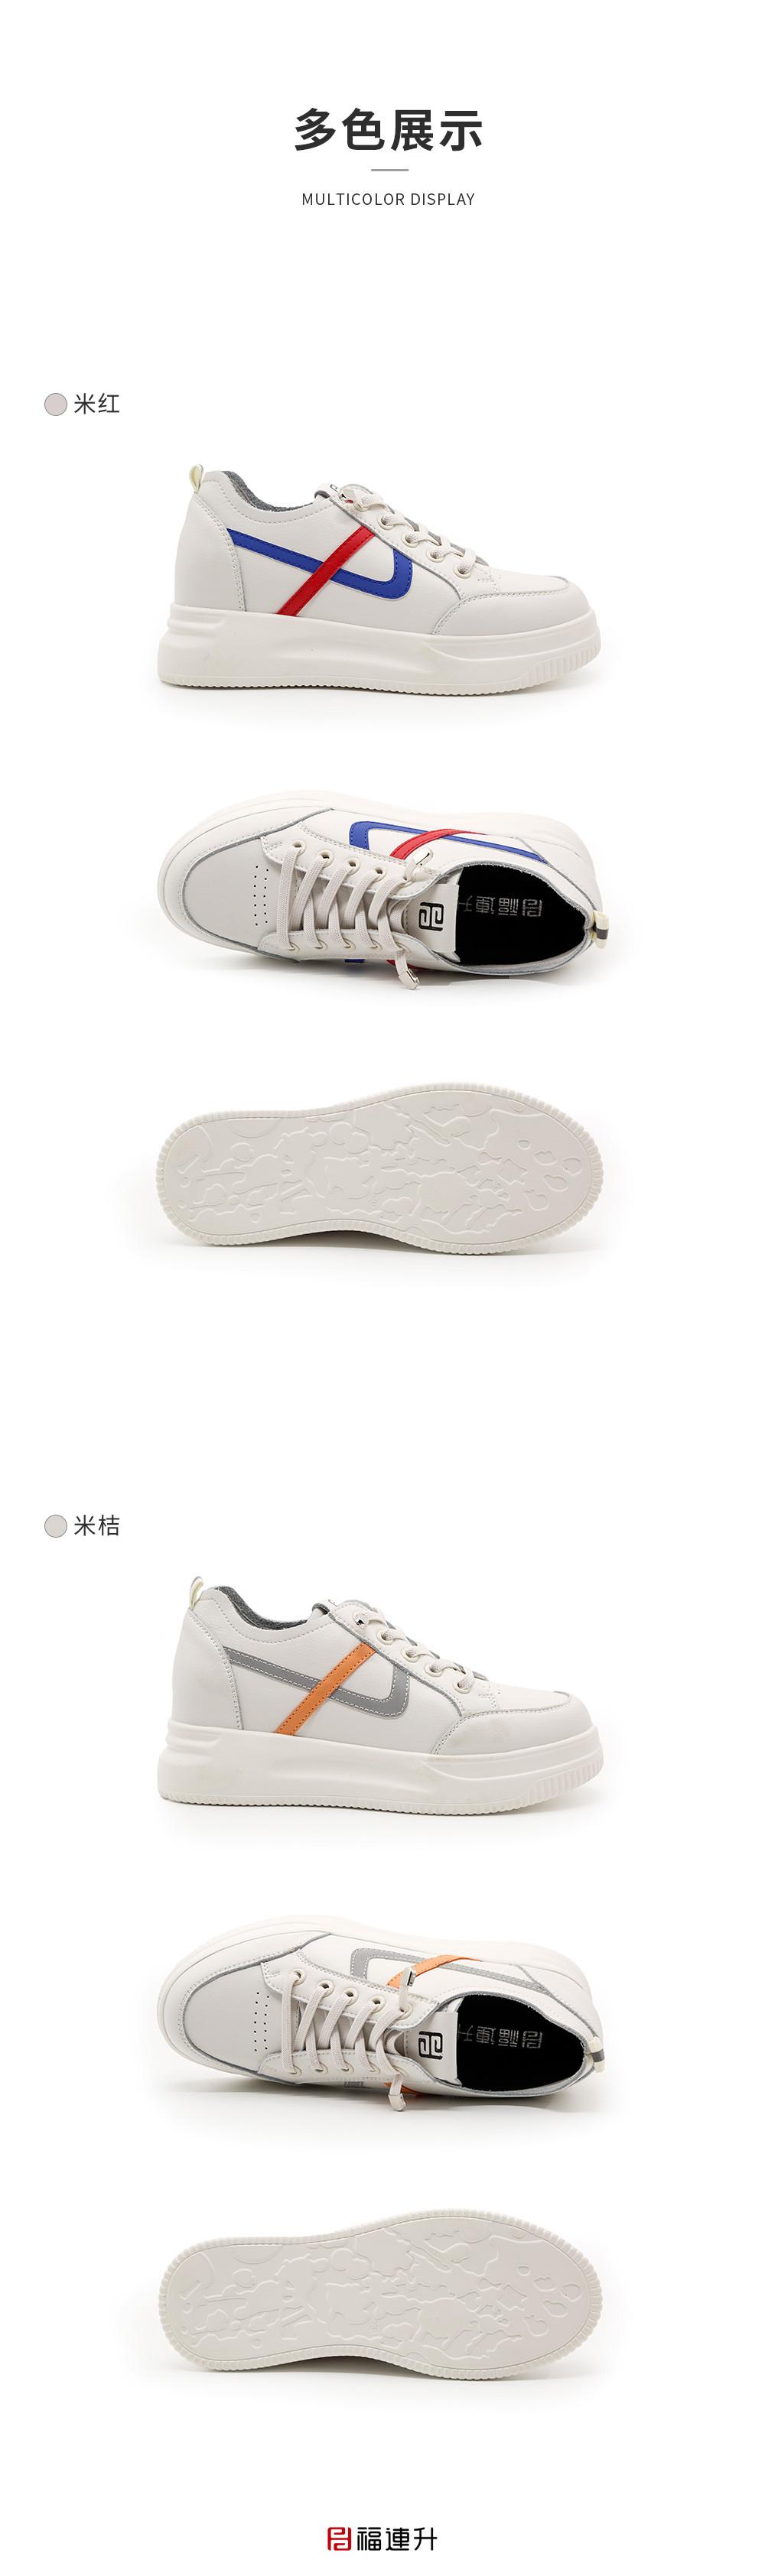 福连升休闲鞋20冬季小白鞋女百搭平底女鞋松糕鞋厚底板鞋图片